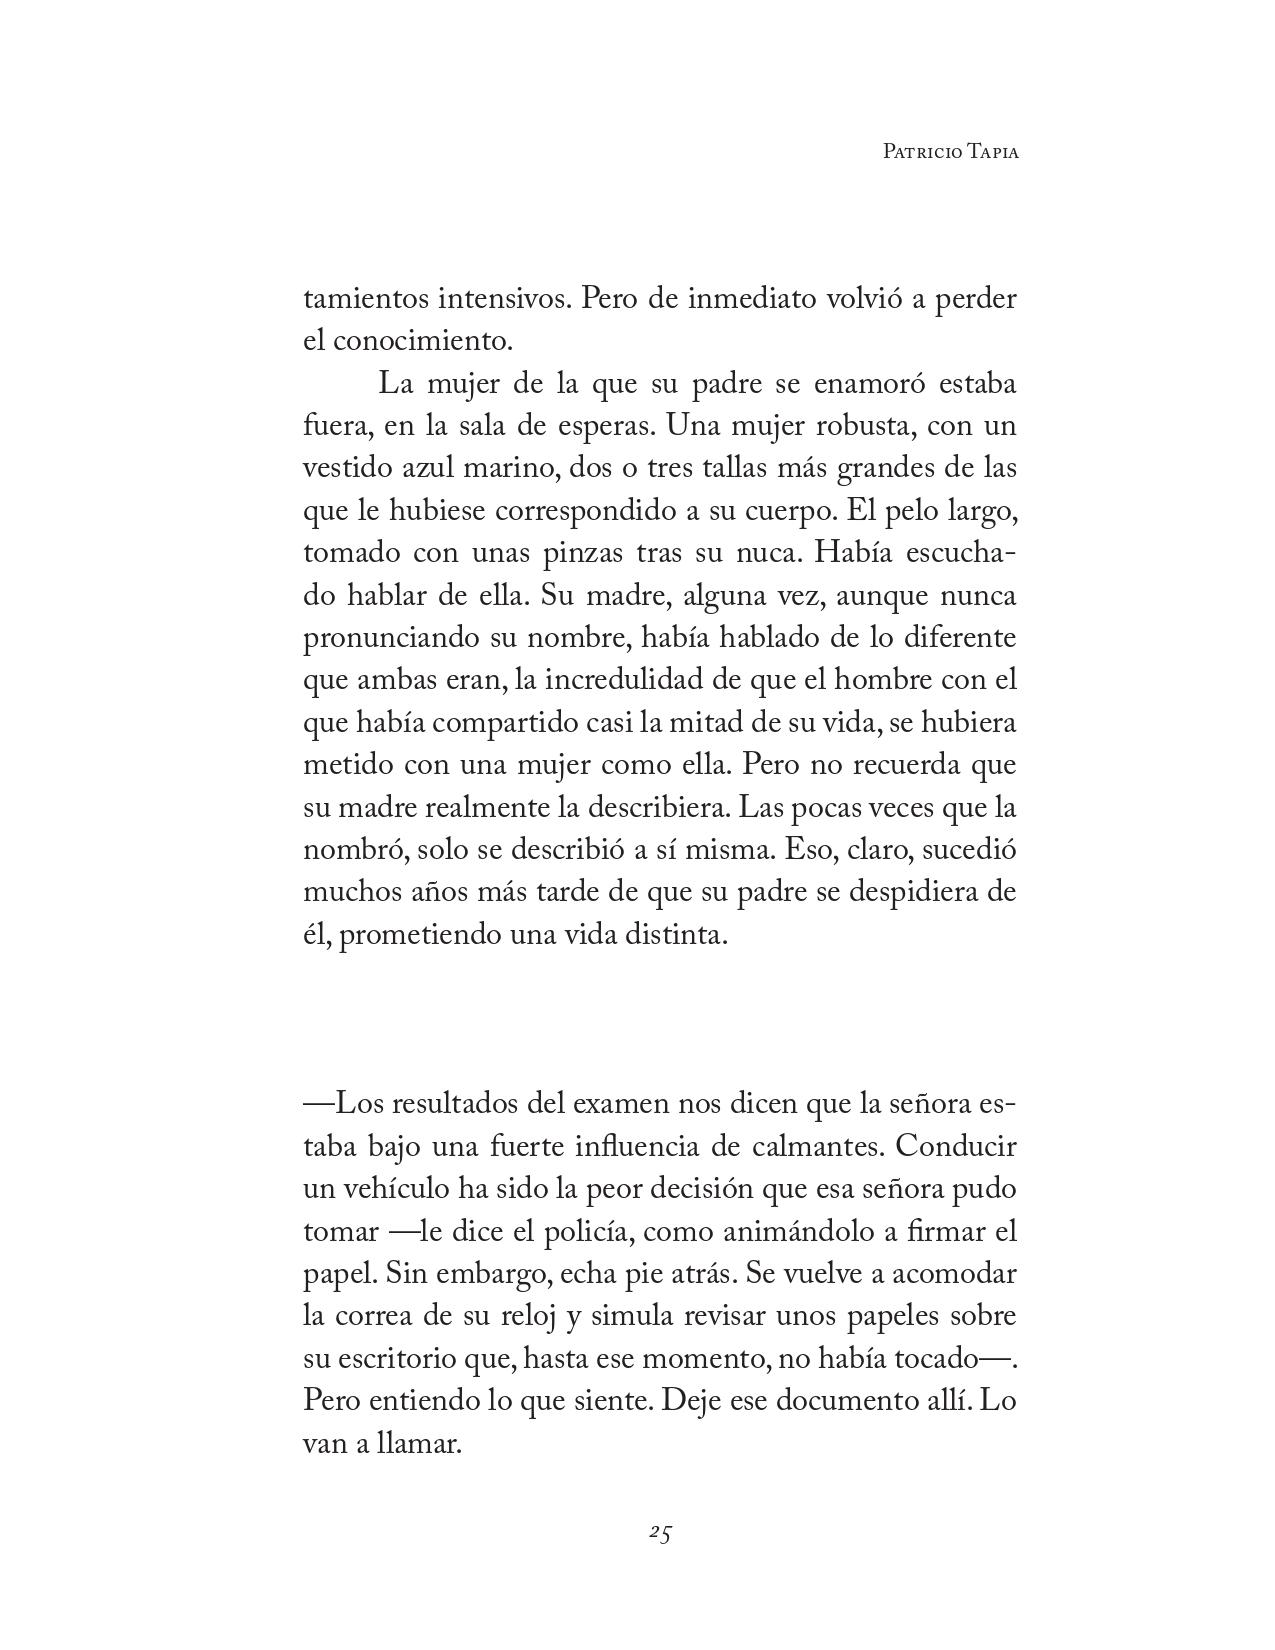 Adelanto_Hombres_Inofensivos_Patricio_Tapia_page-0022.jpg